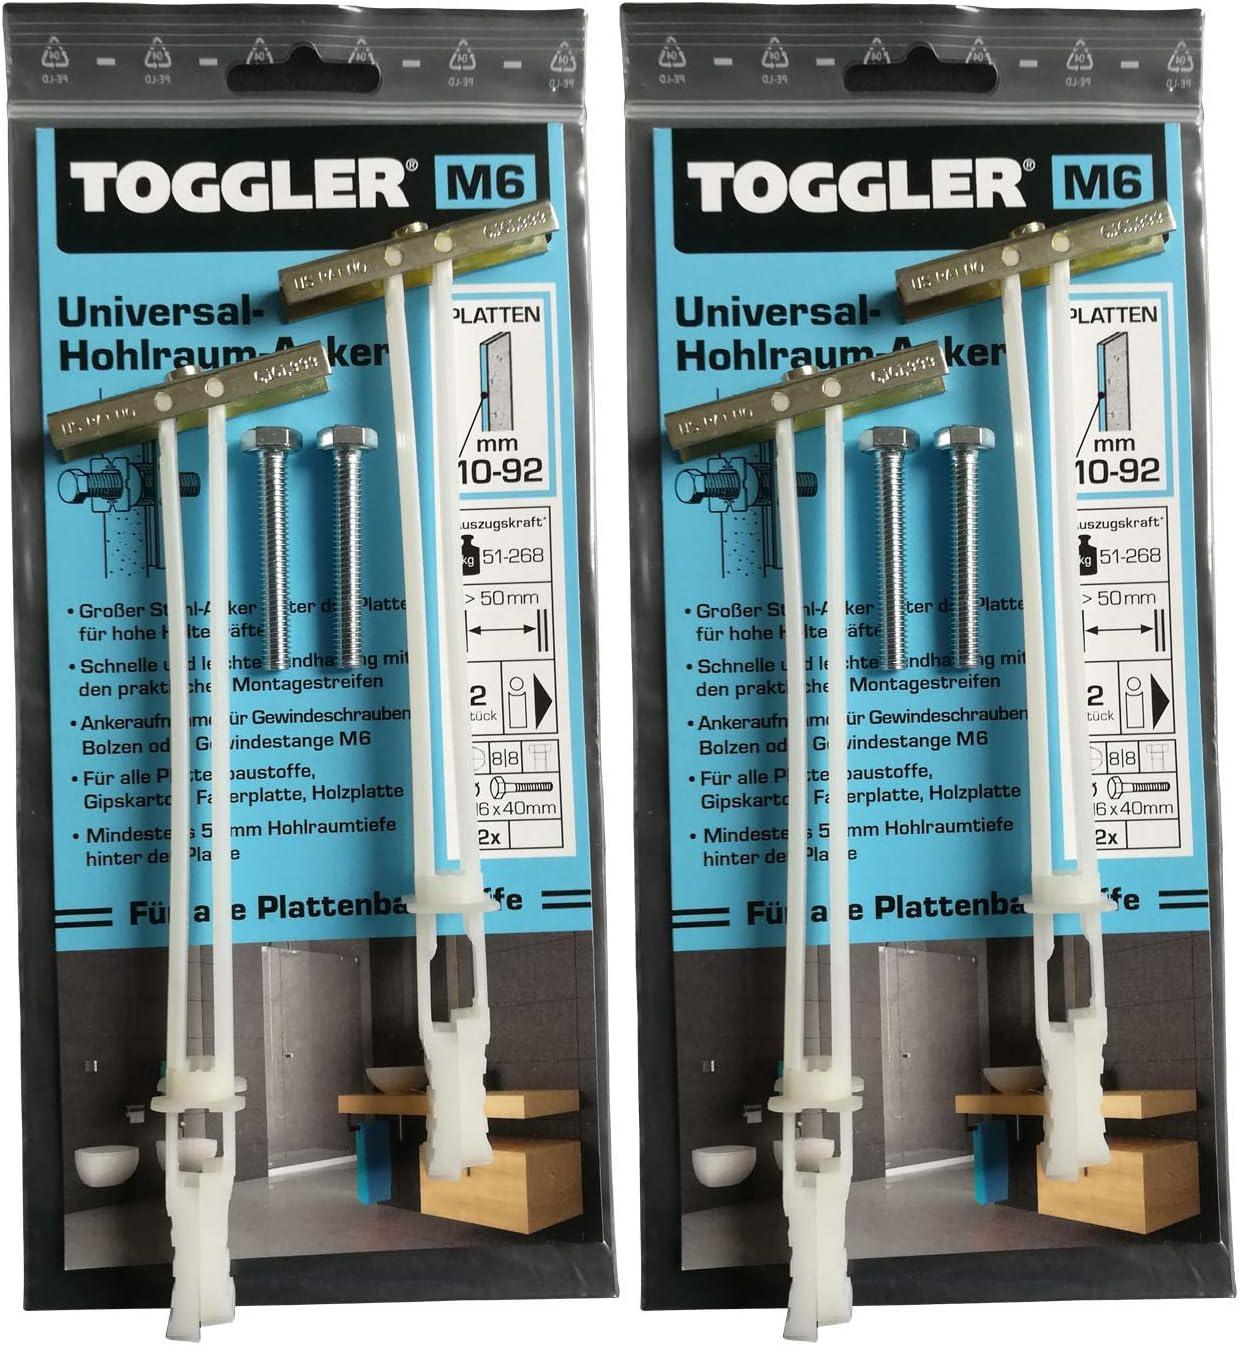 4 TOGGLER Hohlraumanker M6 und 4 Bolzen 10-92 mm Plattenst/ärke